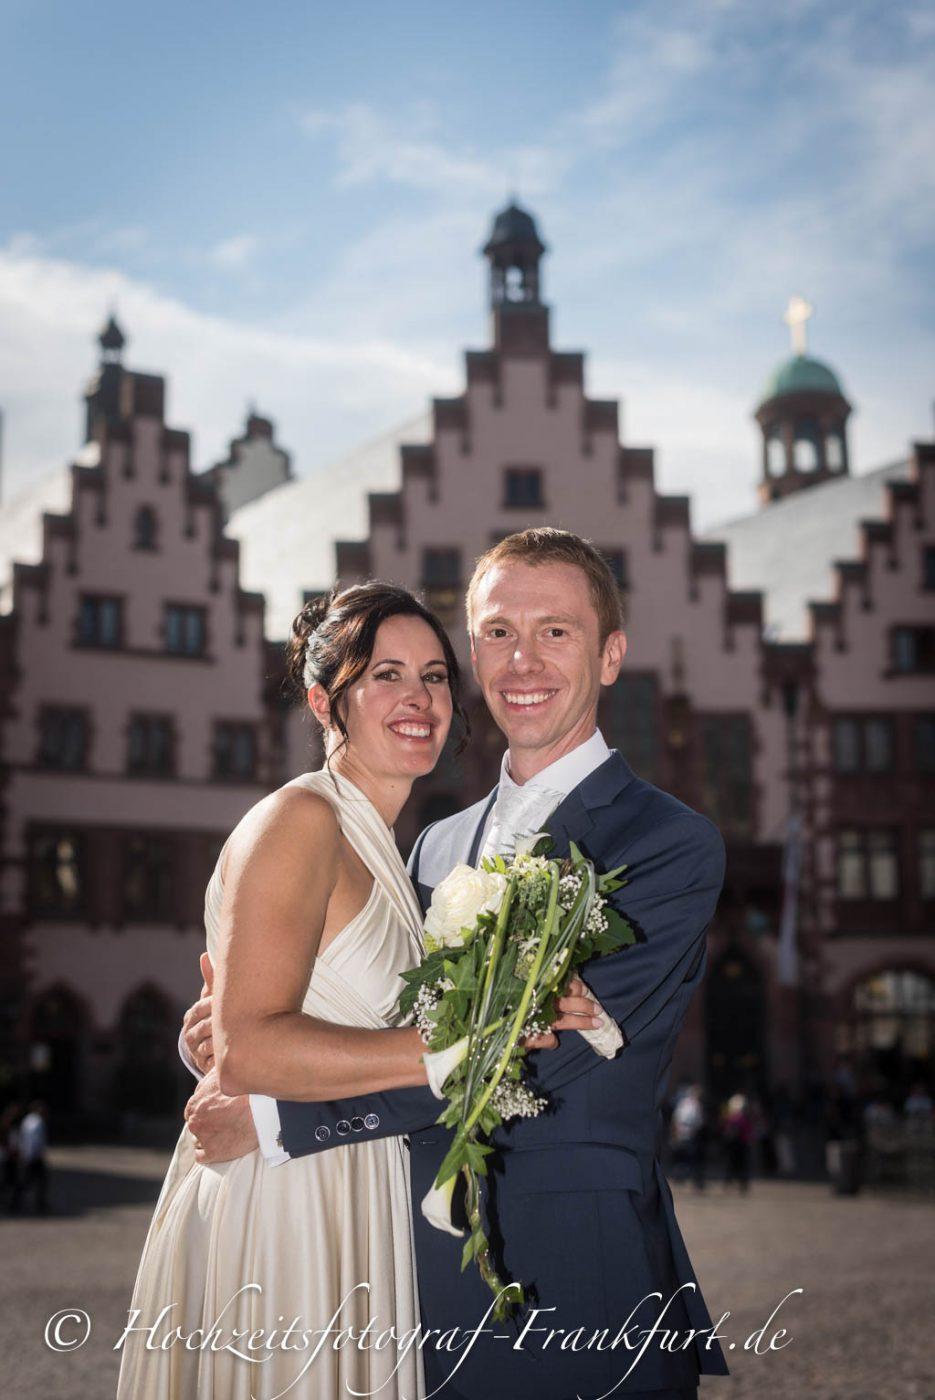 Standesamt Frankfurt am Main: Paarfoto des Hochzeitspaar mit dem Römer im Hintergrund.